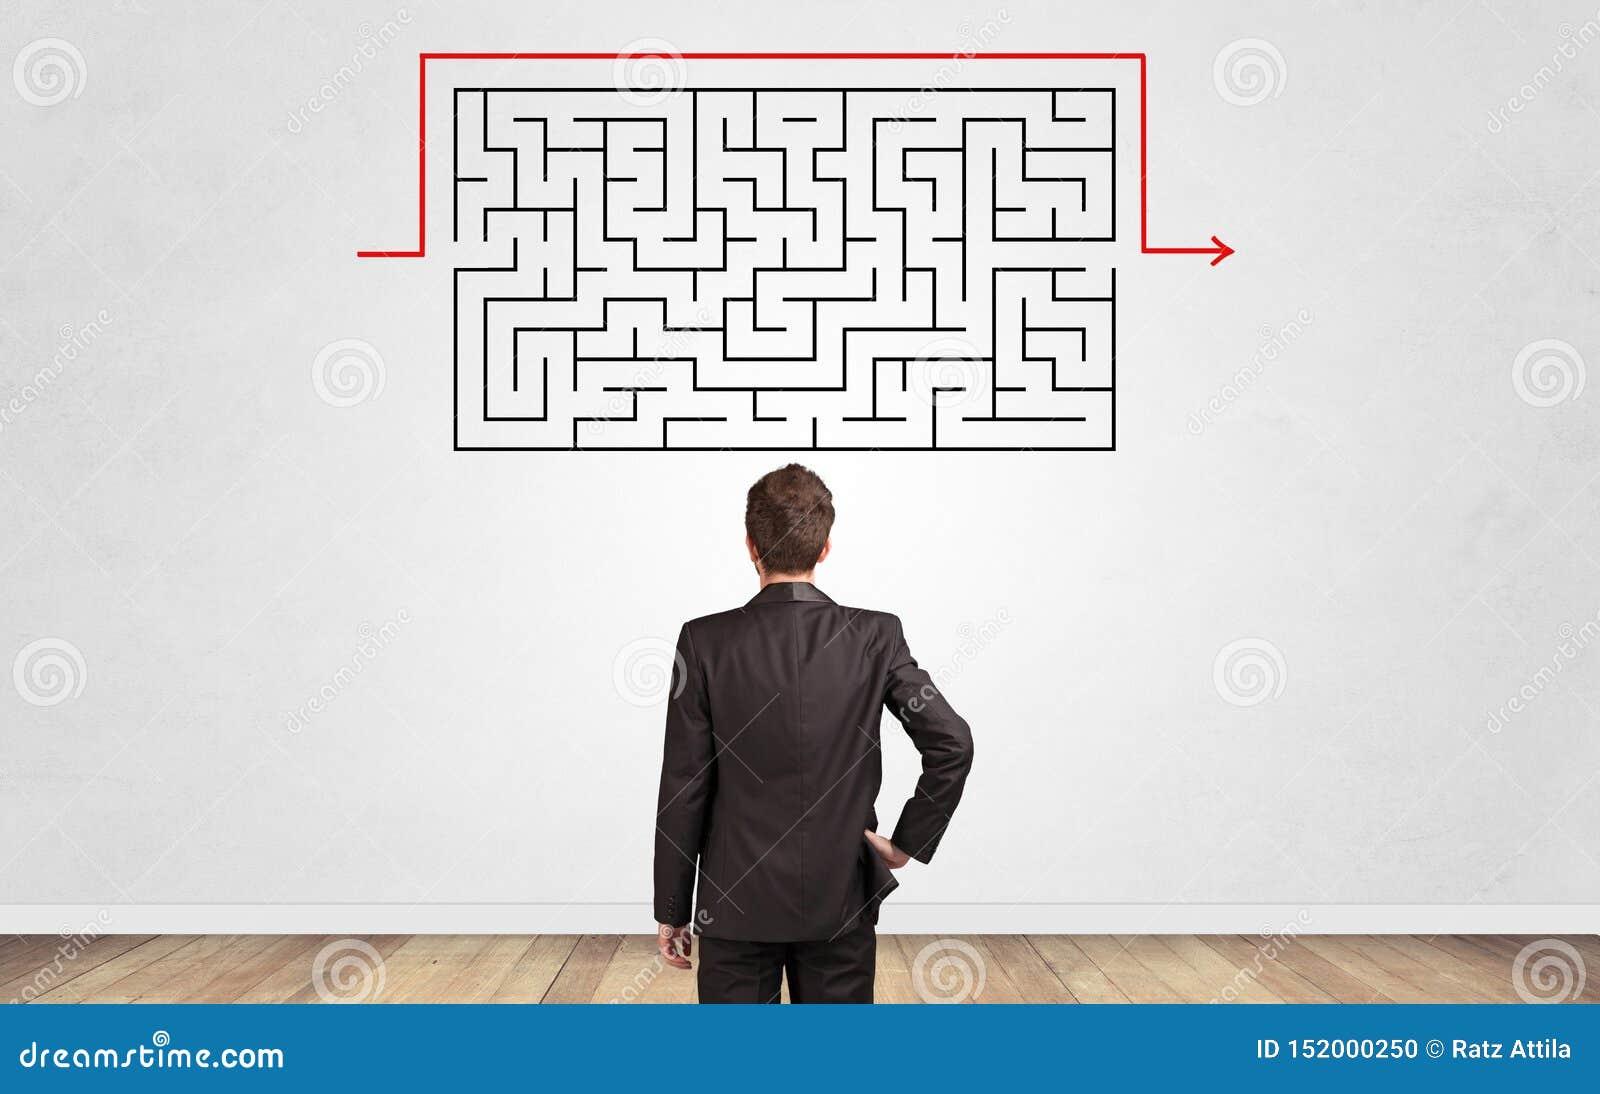 Uomo d affari che guarda ad un labirinto su una parete